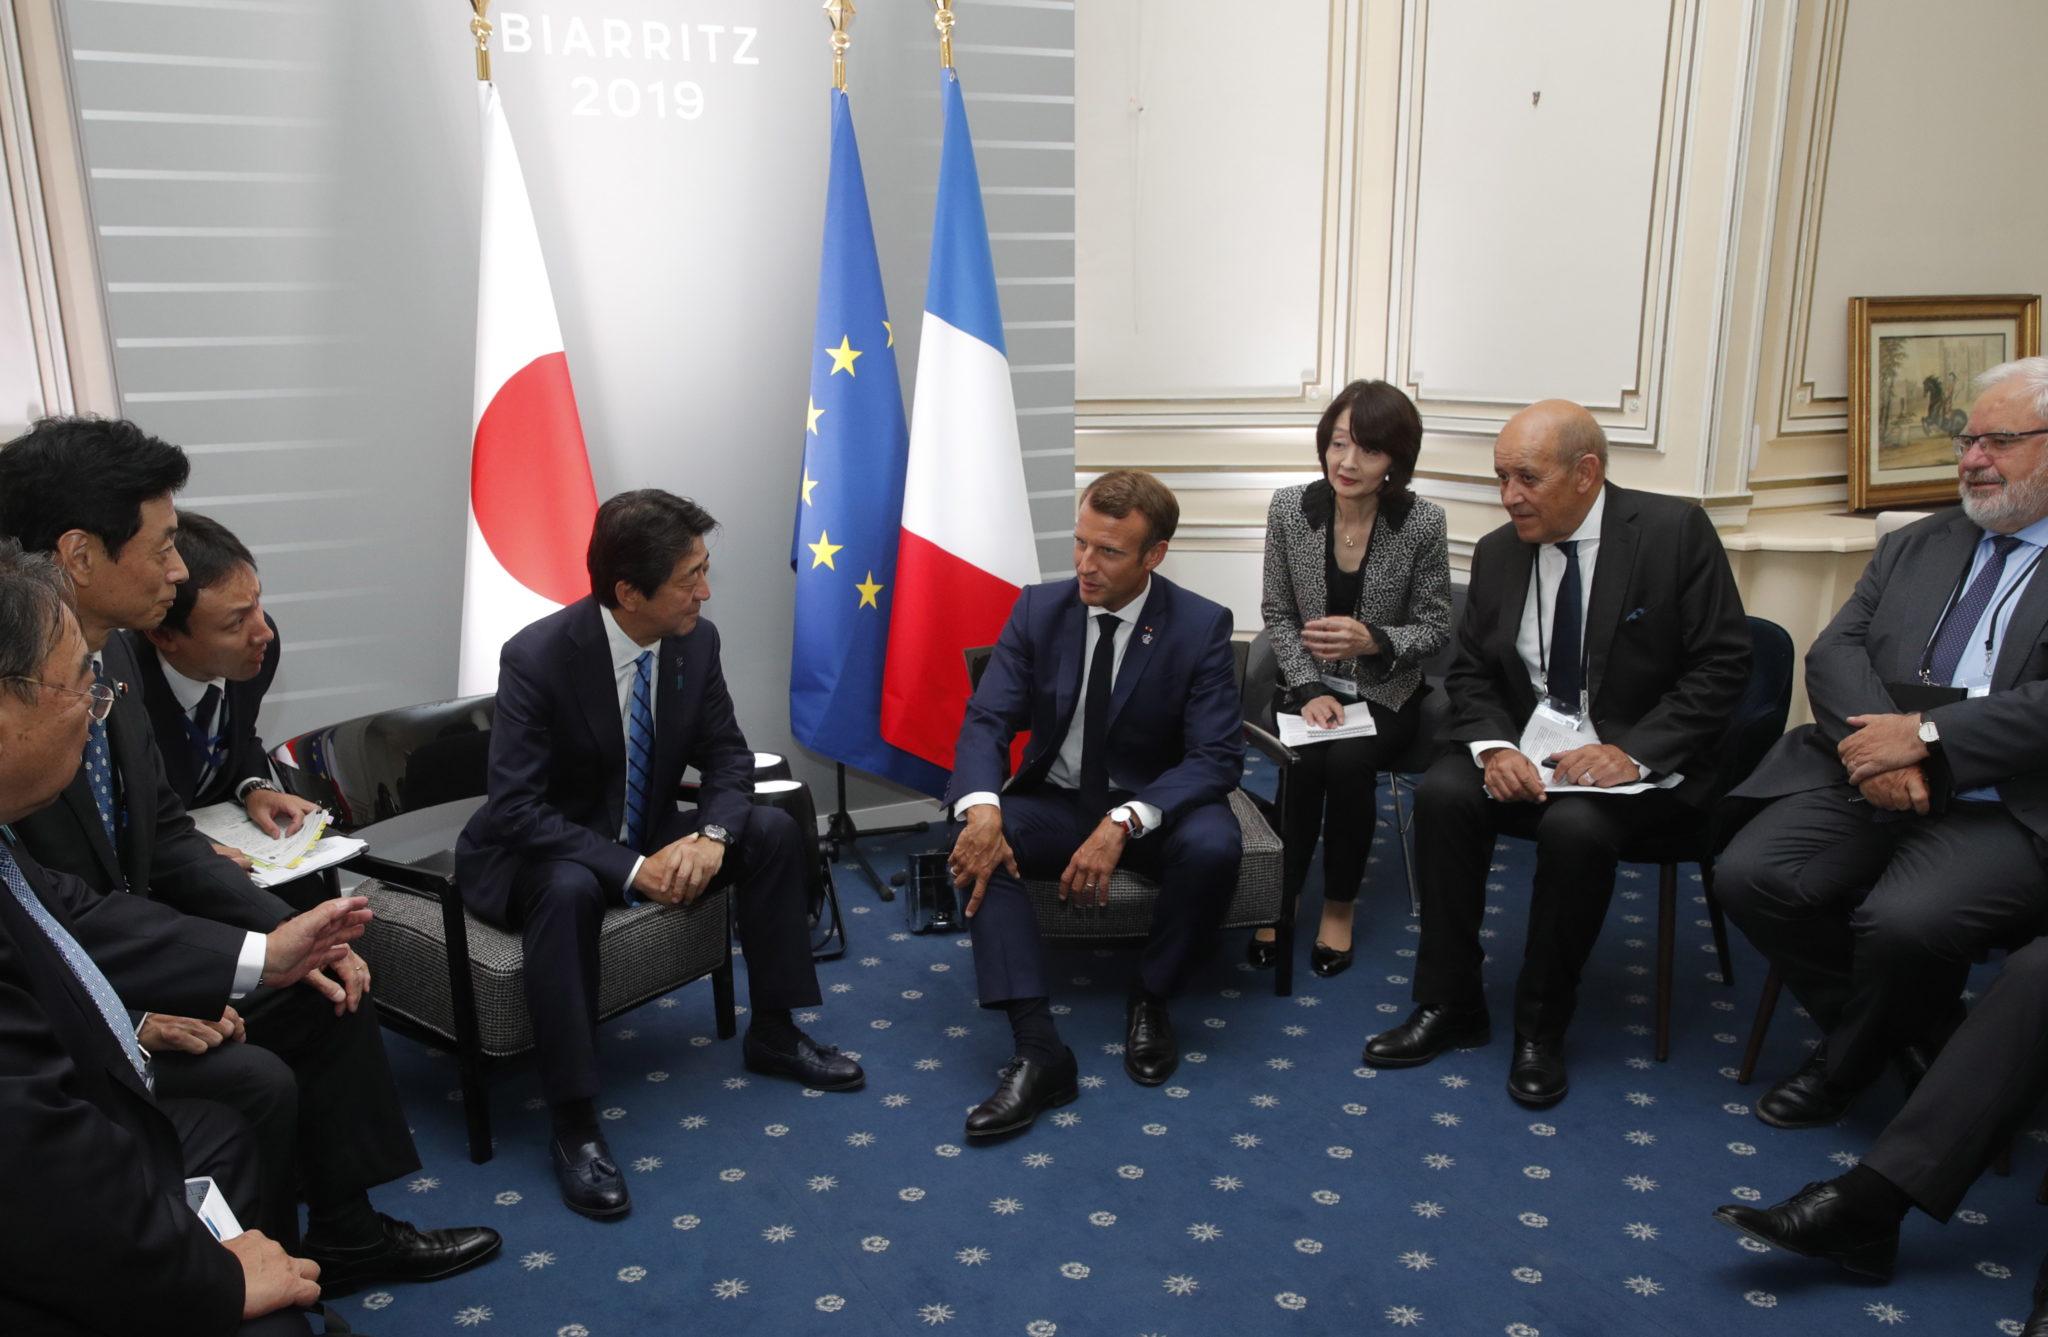 FRANCJA: Prezydent Emmanuel Macron i premier Japonii Shinzo Abe podczas dwustronnego szczytu G7 w Biarritz. FOT. PHILIPPE WOJAZER/EPA